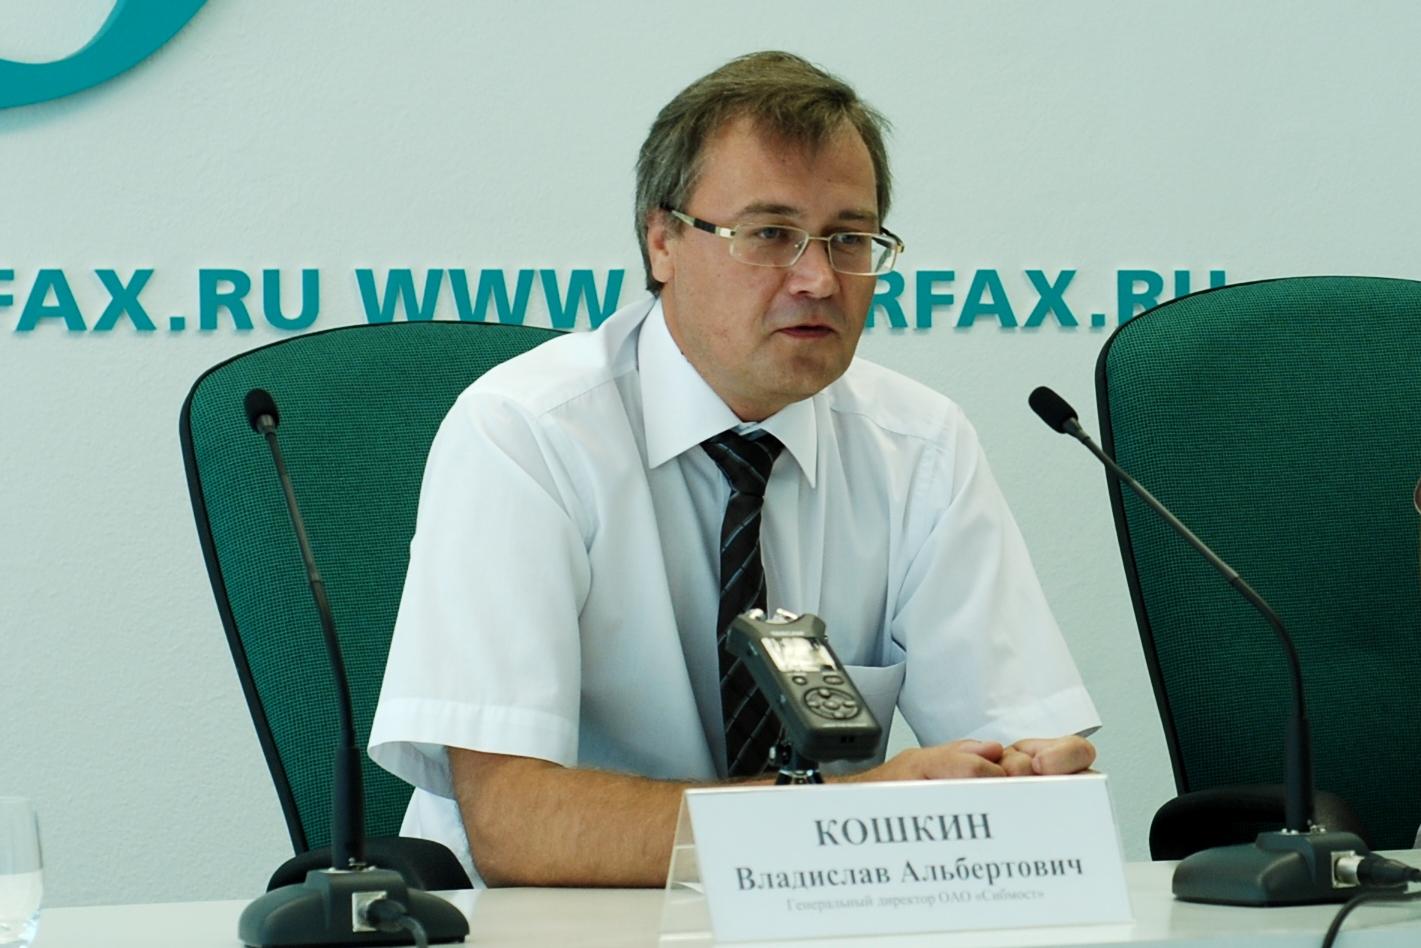 В Новосибирске признали банкротом одного из Кошкиных